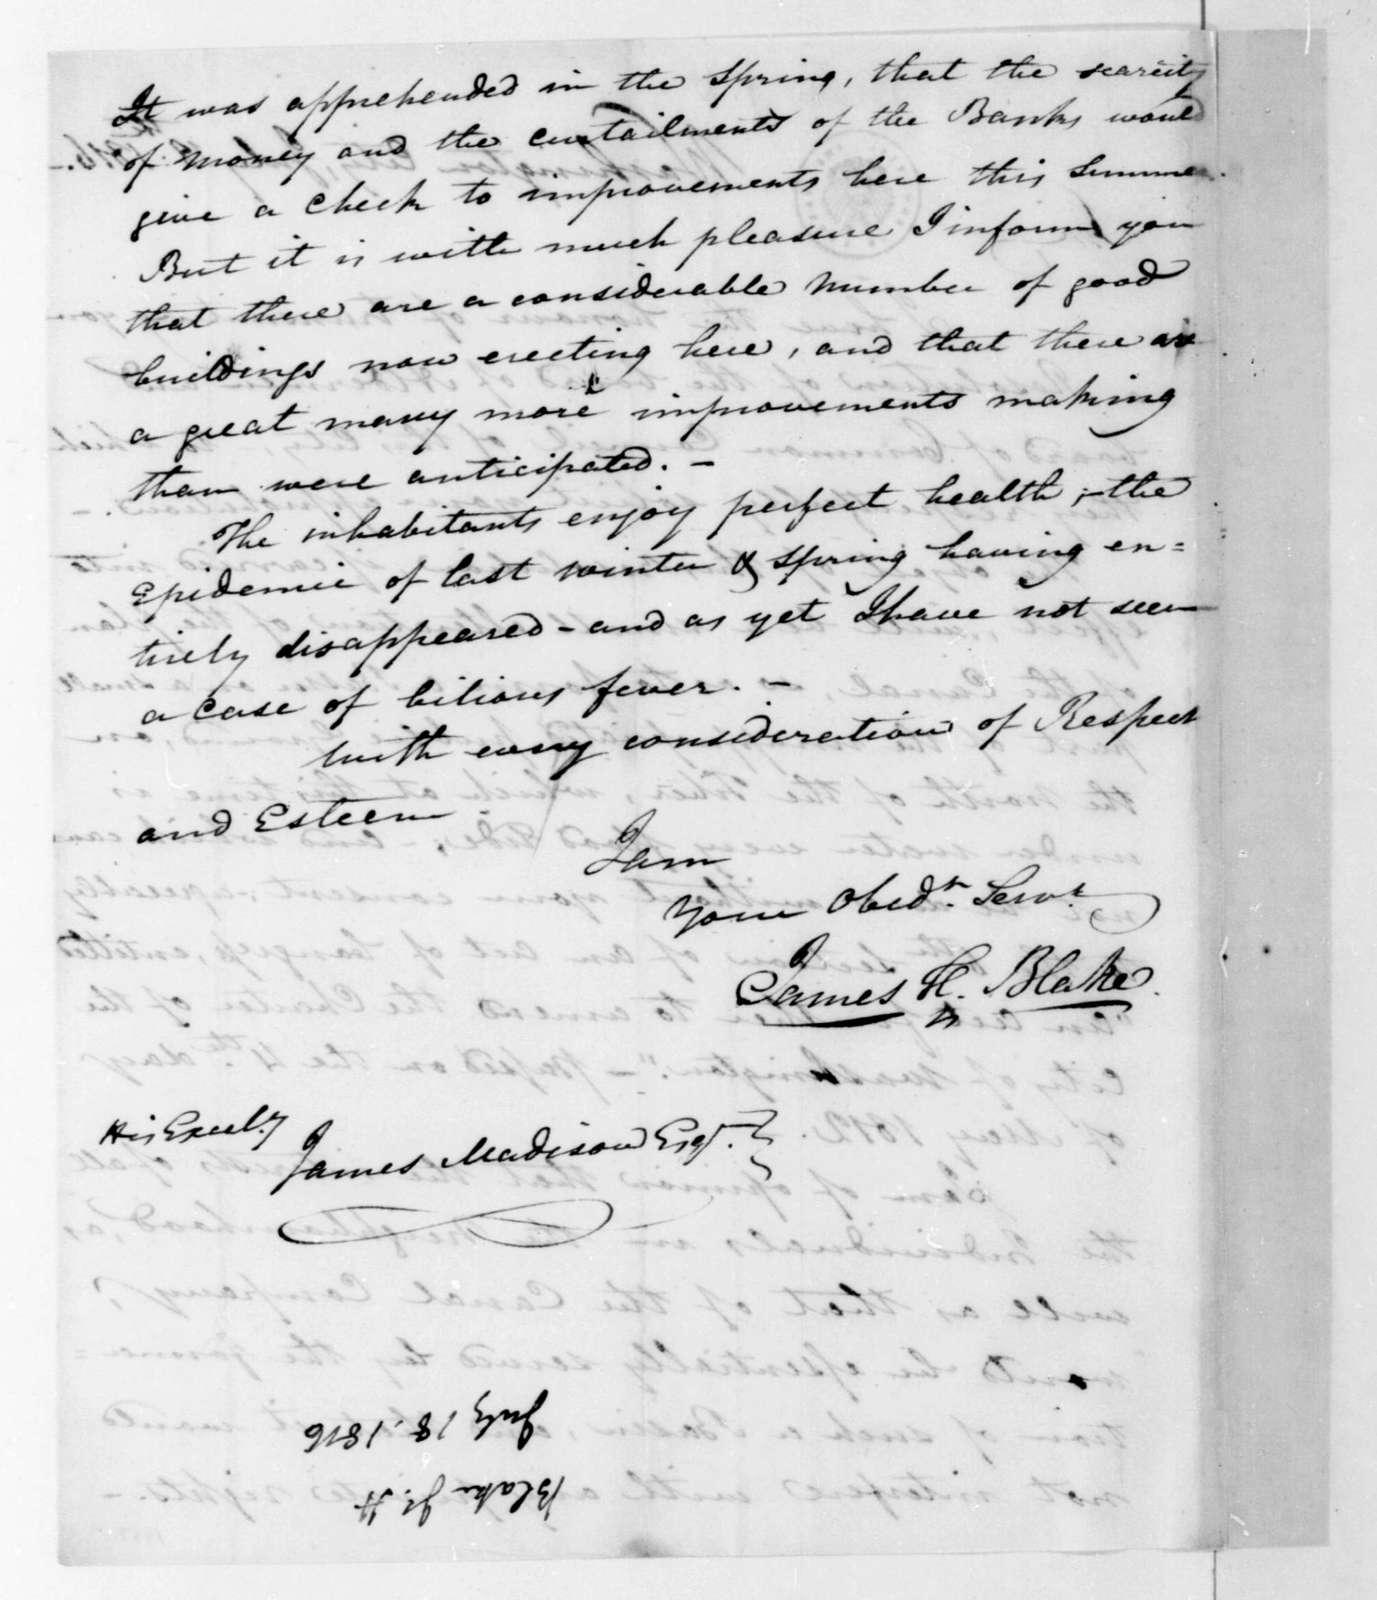 James H. Blake to James Madison, July 18, 1816.